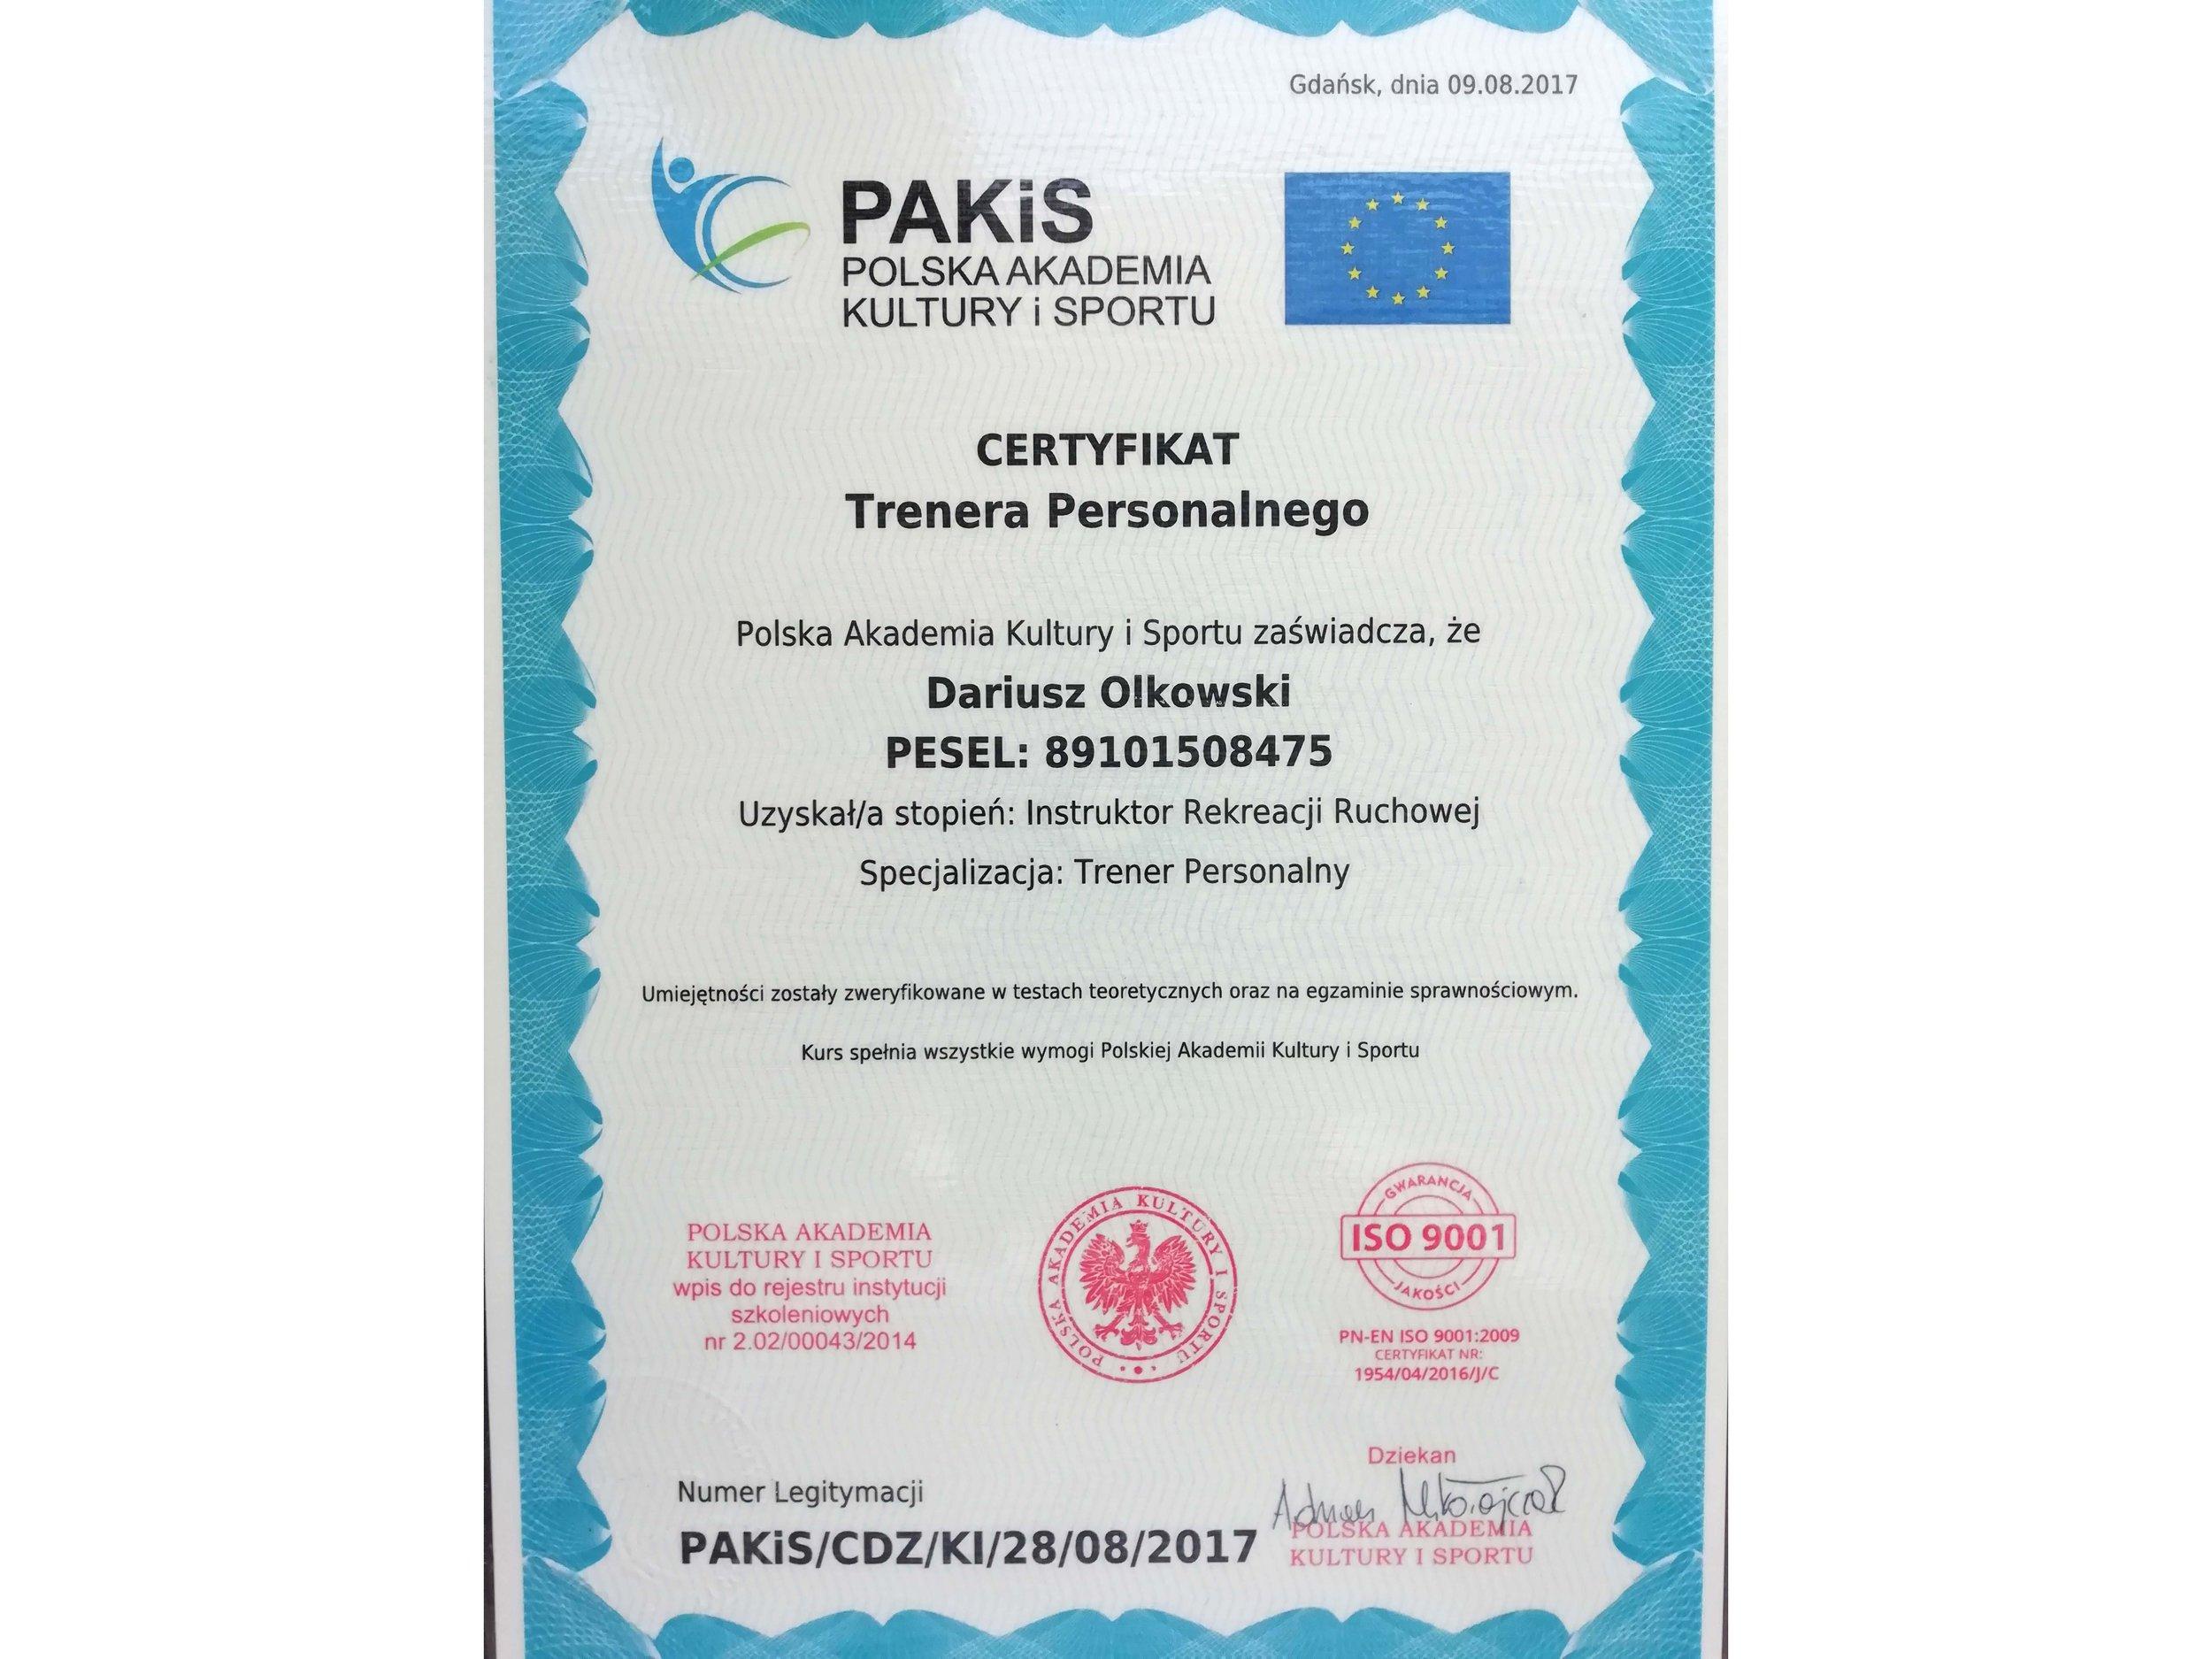 Dariusz Olkowski certyfikat 1.jpg